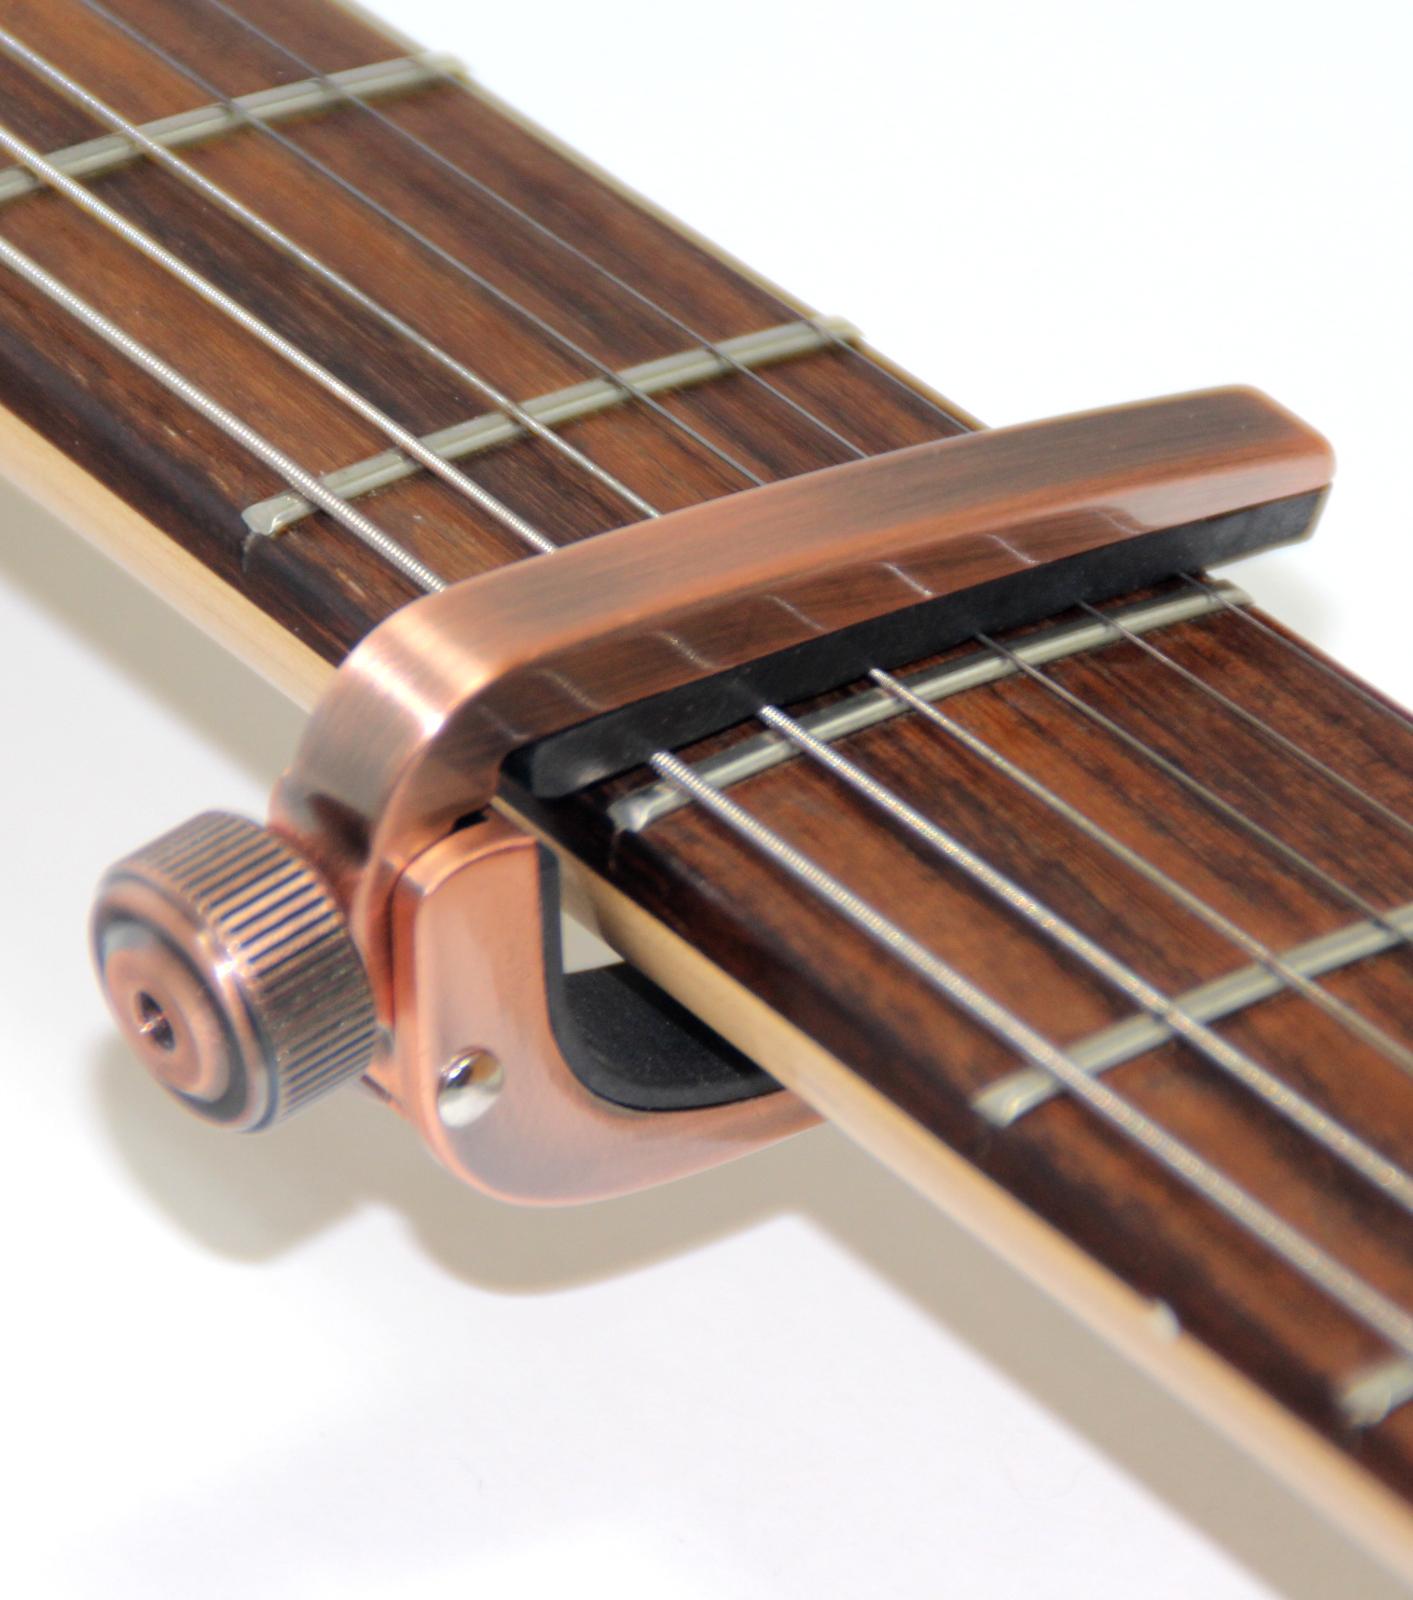 струны для гитары купить в спб